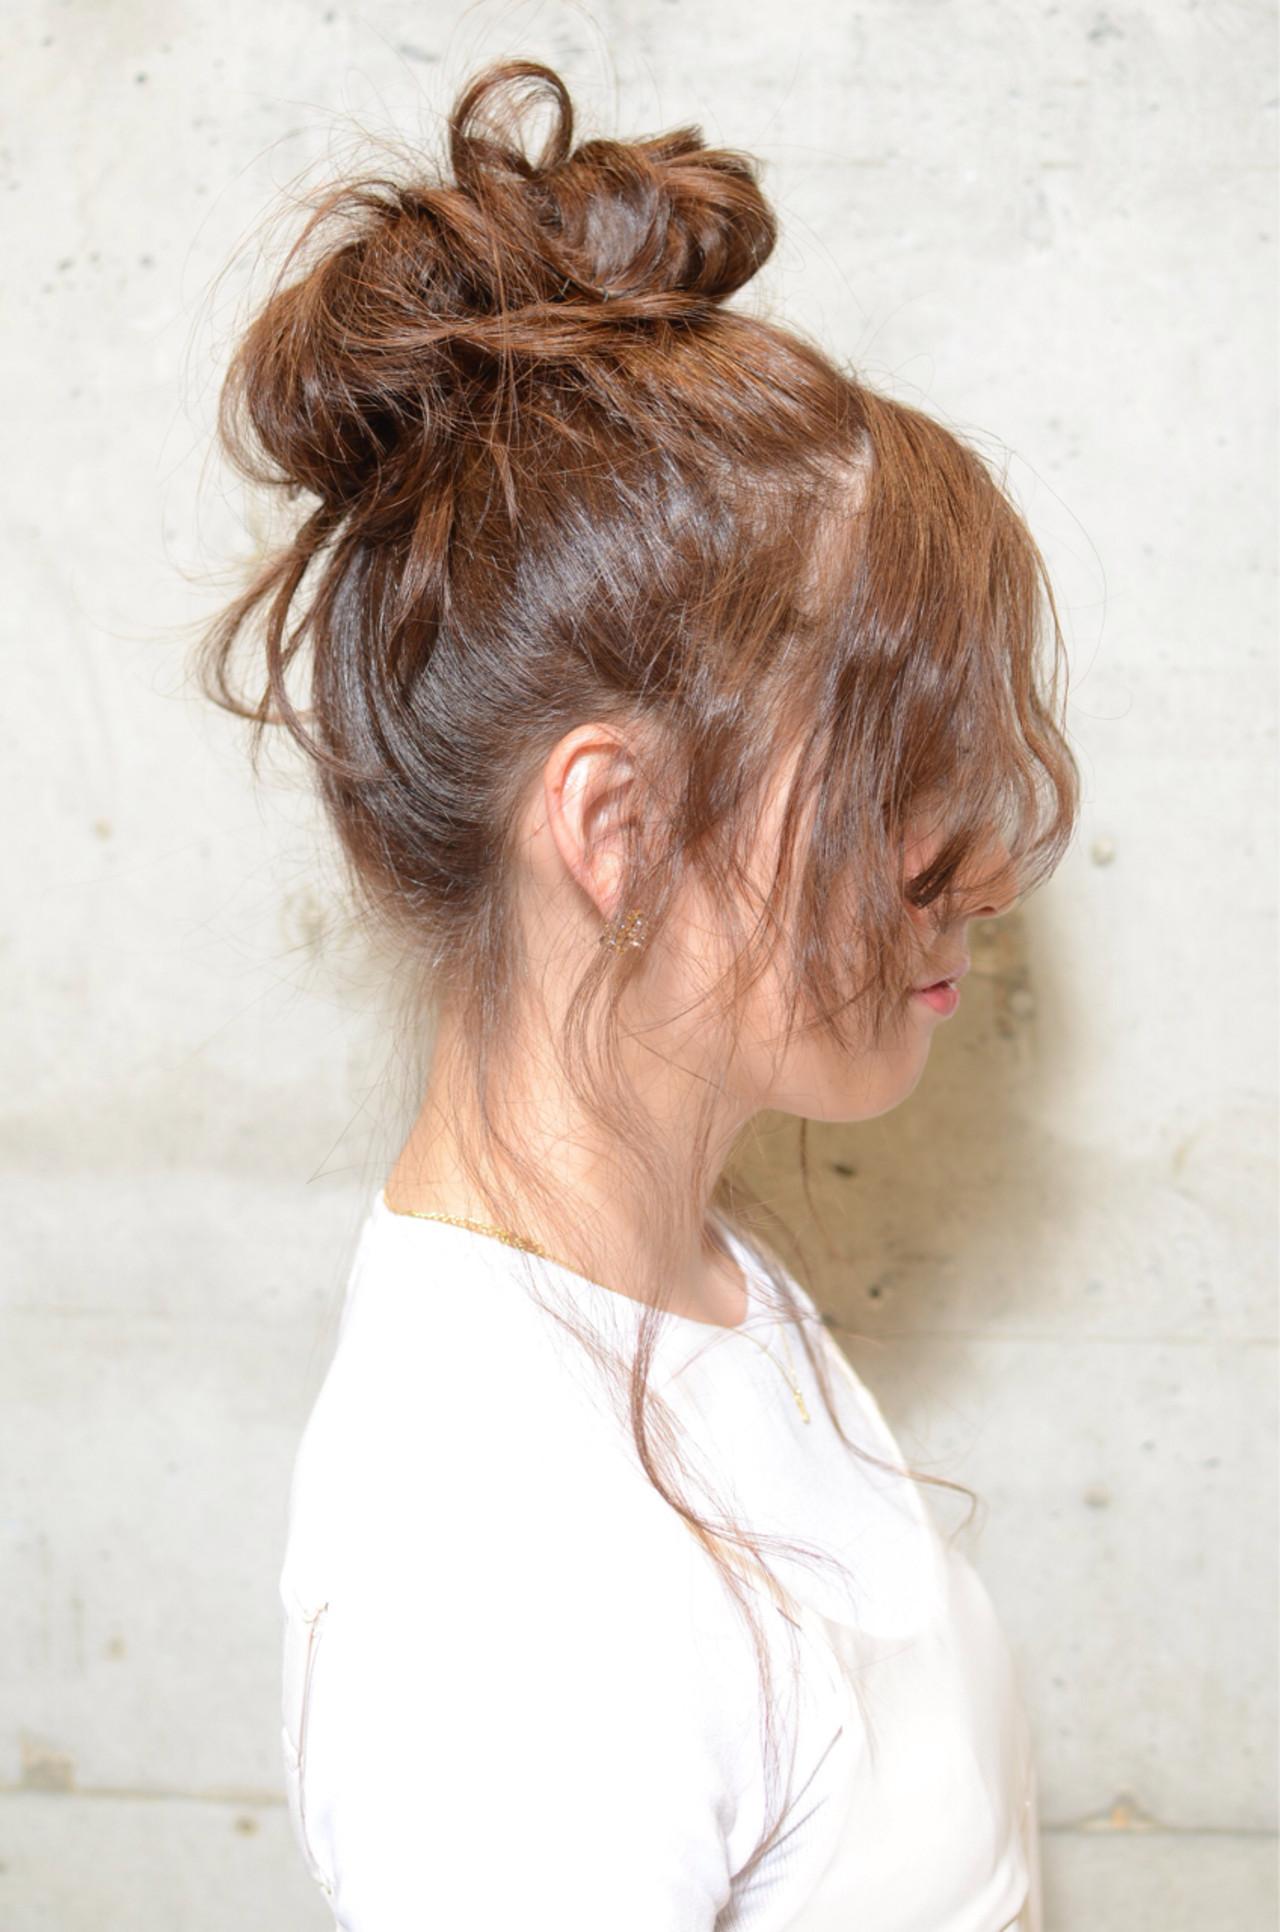 簡単ヘアアレンジ「シニヨン」のやり方特別レッスン♡基本技〜変化テクまで! Tomioka Shinji  REX HAIR INTERNATIONAL